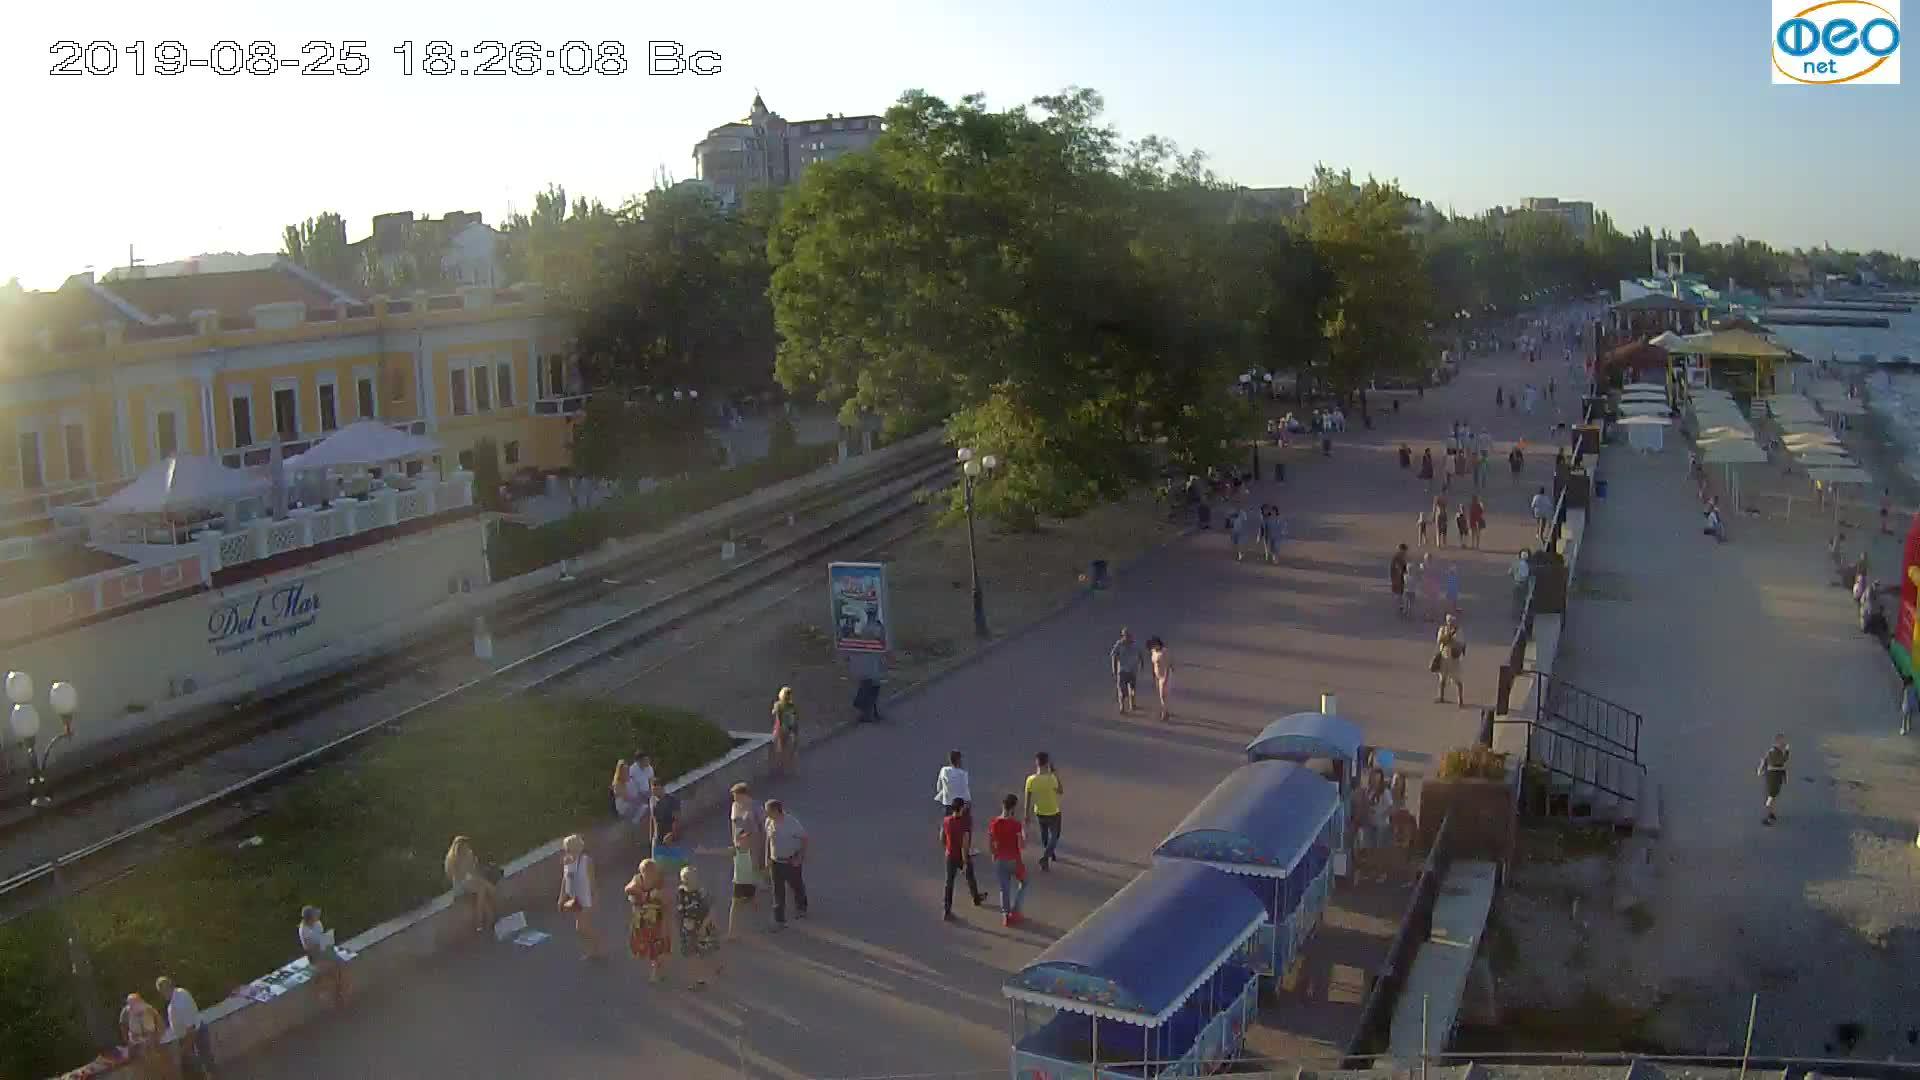 Веб-камеры Феодосии, Набережная, 2019-08-25 18:20:05